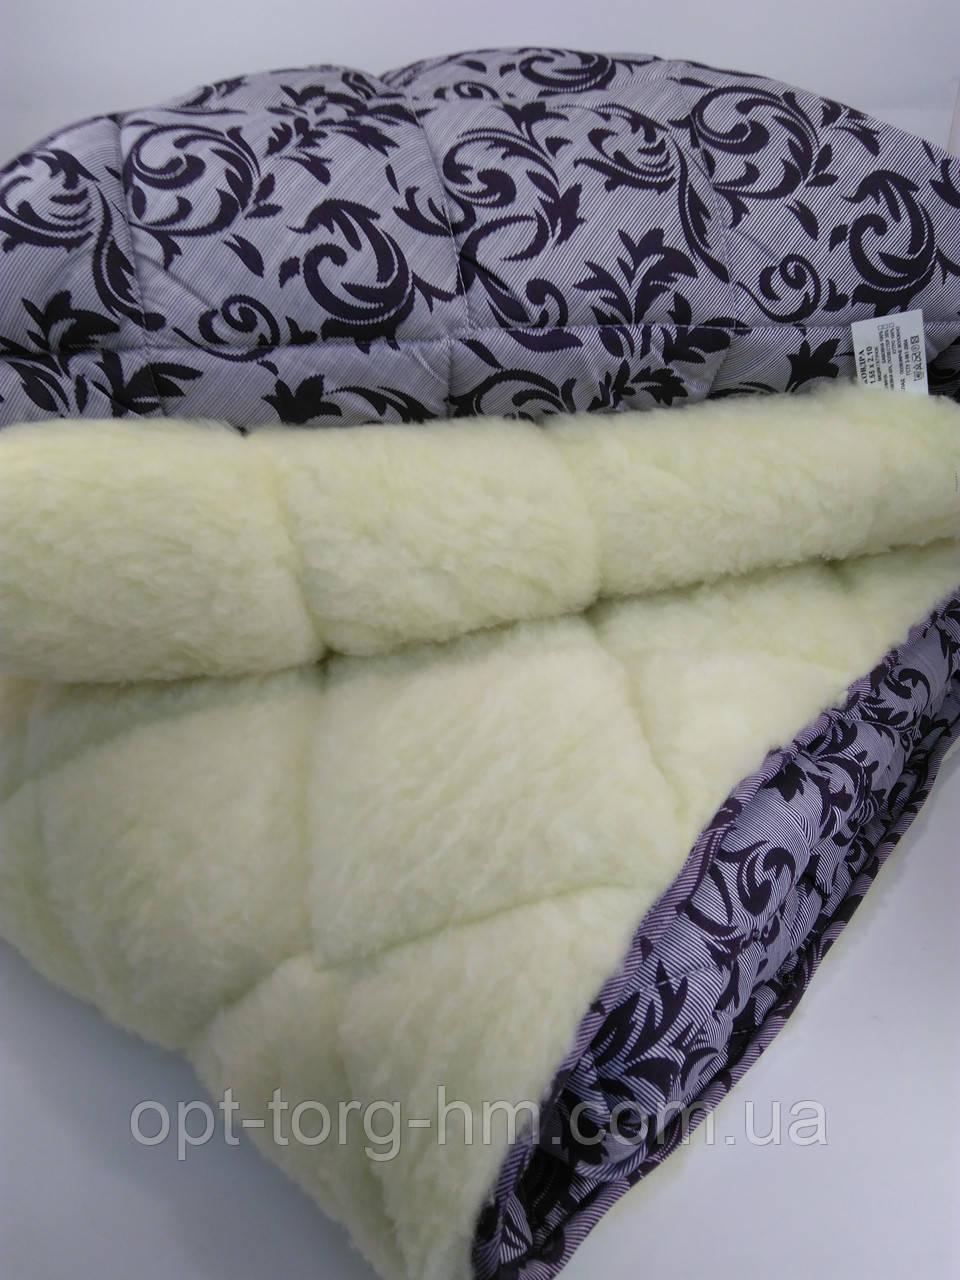 Одеяло Меховое открытое 200*220 ОДА (полиэстер)